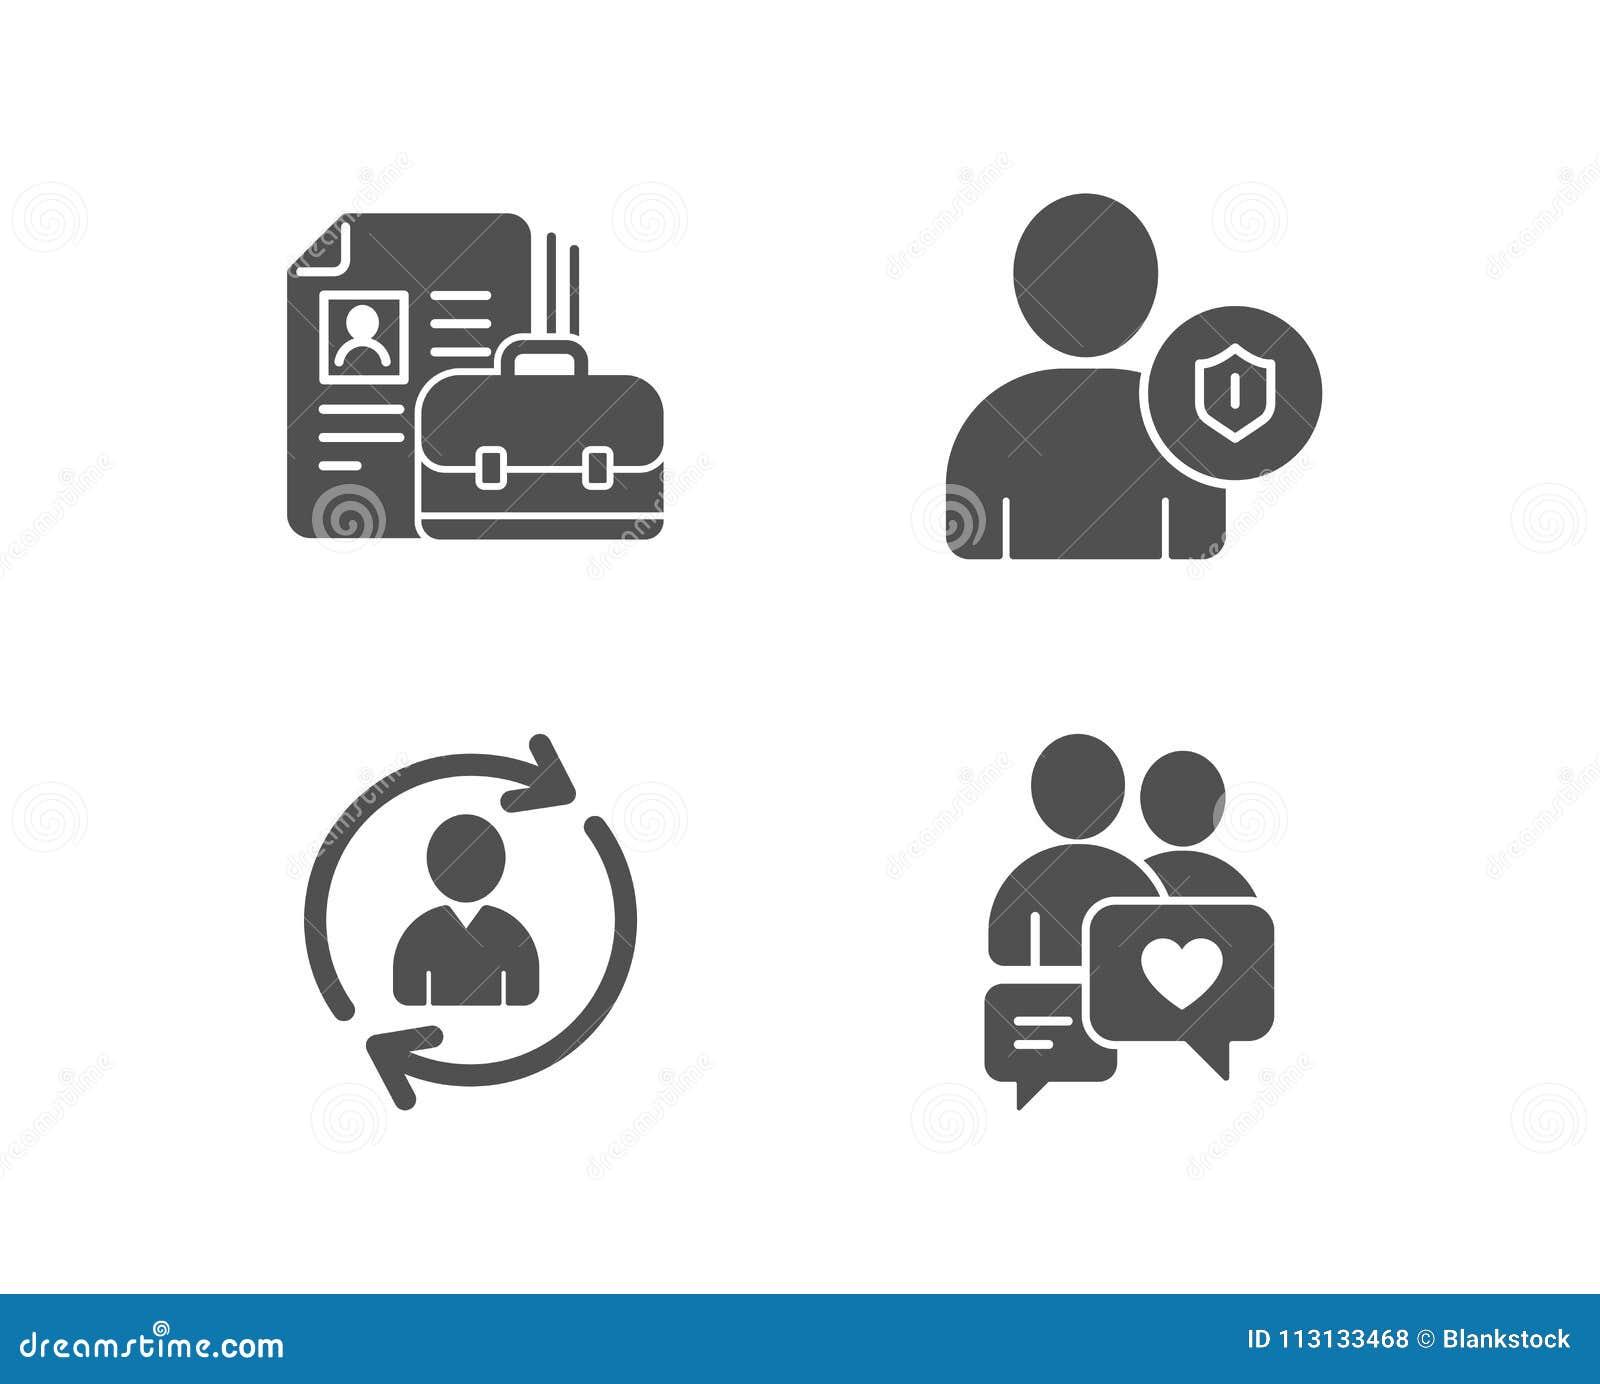 Значки данным по вакансии, безопасности и персоны Датировать знак болтовни Работа  рабочего места, предохранение 6f69f100515